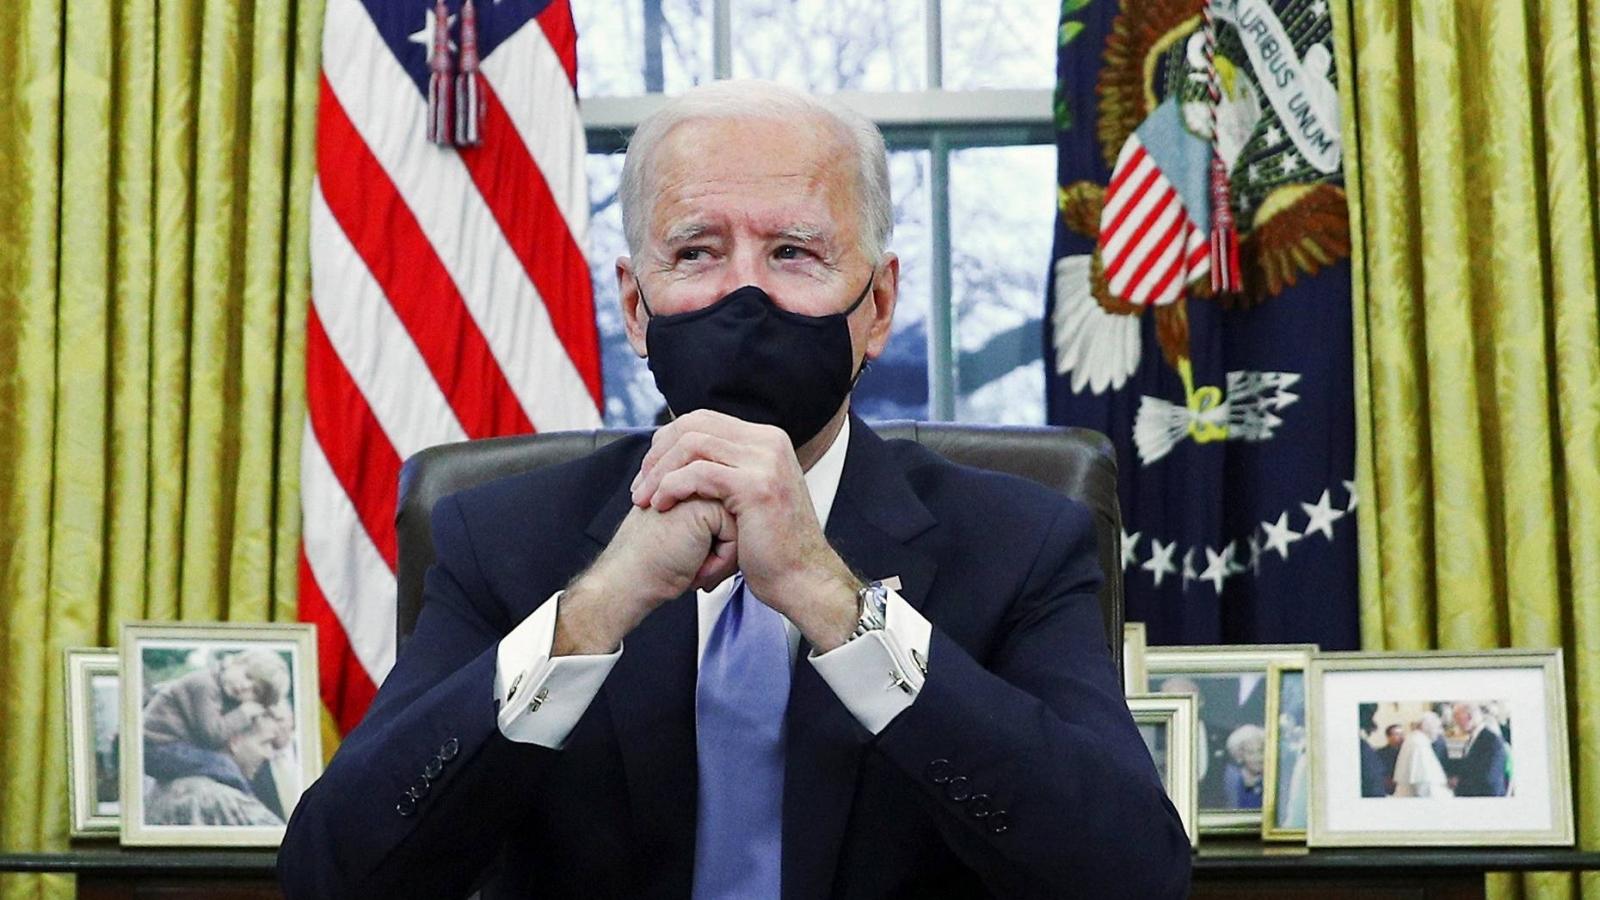 Tổng thống Biden ký ban hành gói cứu trợ ứng phó với Covid-19 trị giá 1.900 tỷ USD